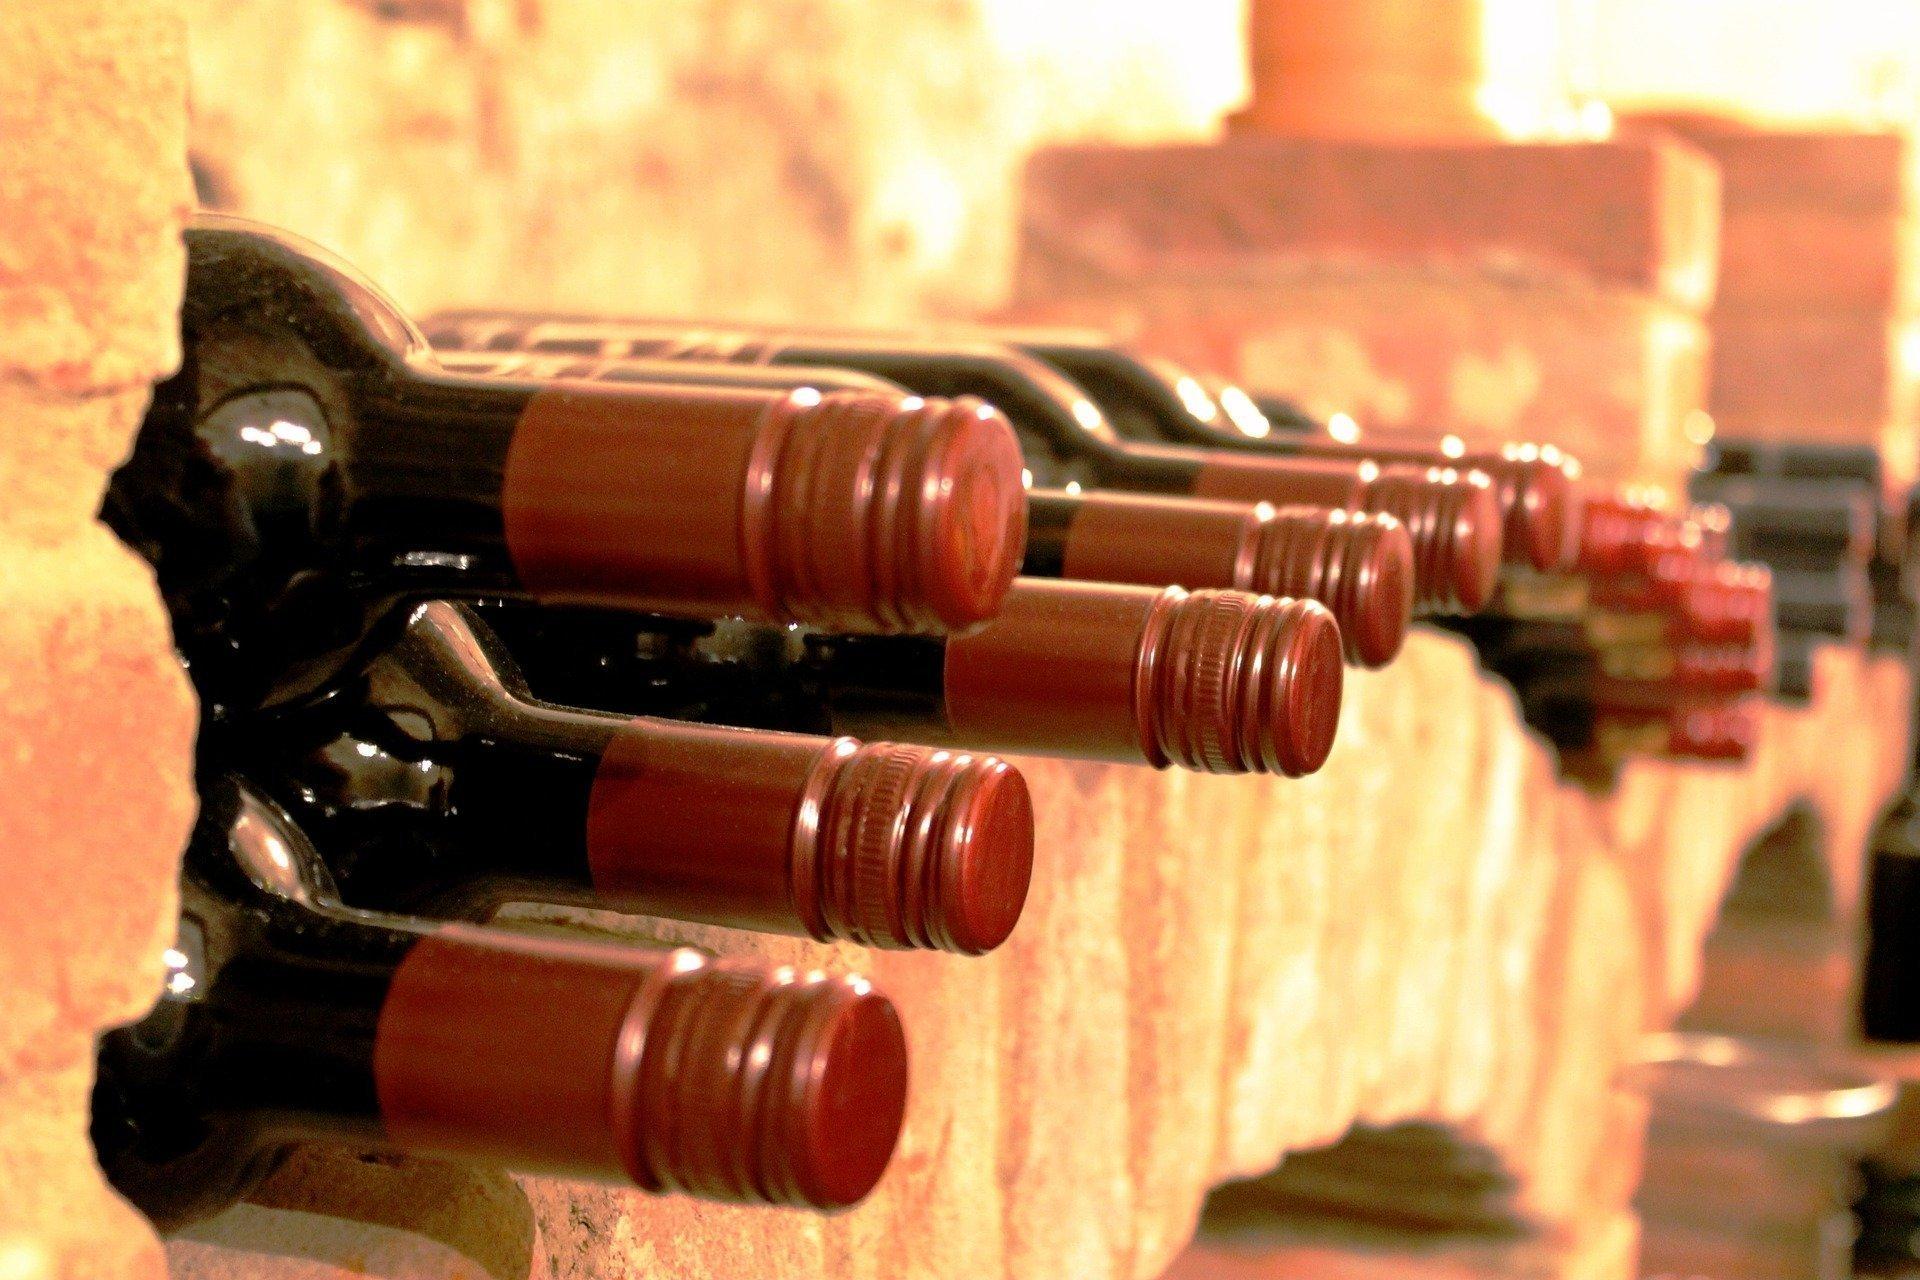 Každý milovník vína by měl mít alespoň pár jeho lahví doma do zásoby. Víte ale o tom, že i archivní vína je třeba skladovat za jistých podmínek, které zabrání jeho znehodnocení? Víte, proč musí lahve ležet vodorovně? A proč je třeba udržovat teplotu, která nekolísá?